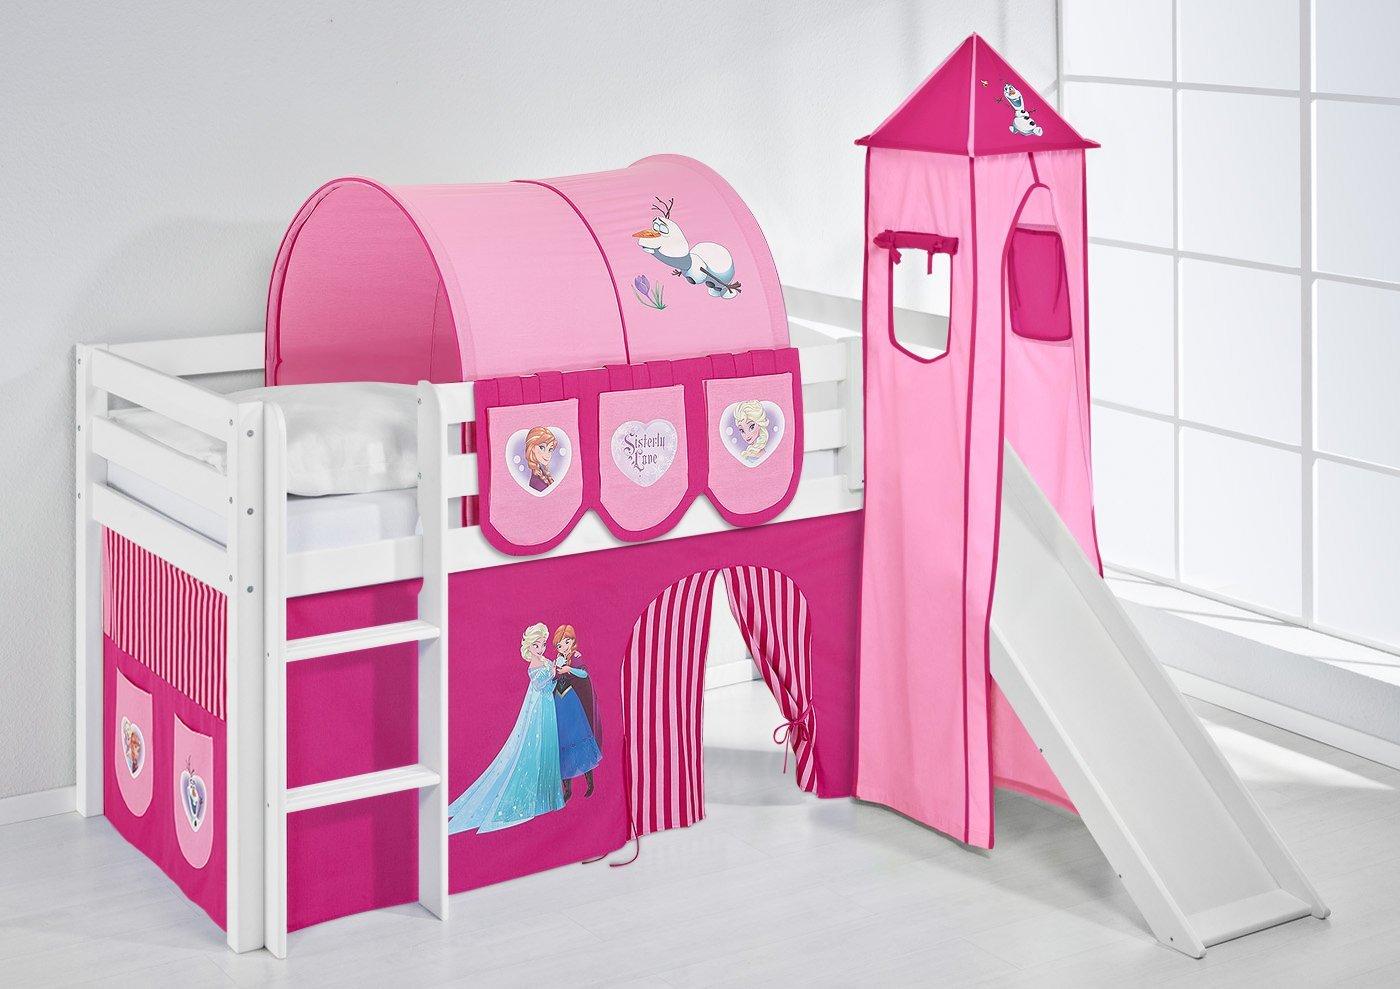 Etagenbett Kinder Spielbett : Etagenbett hochbett spielbett kinder bett cm vorhang ebay